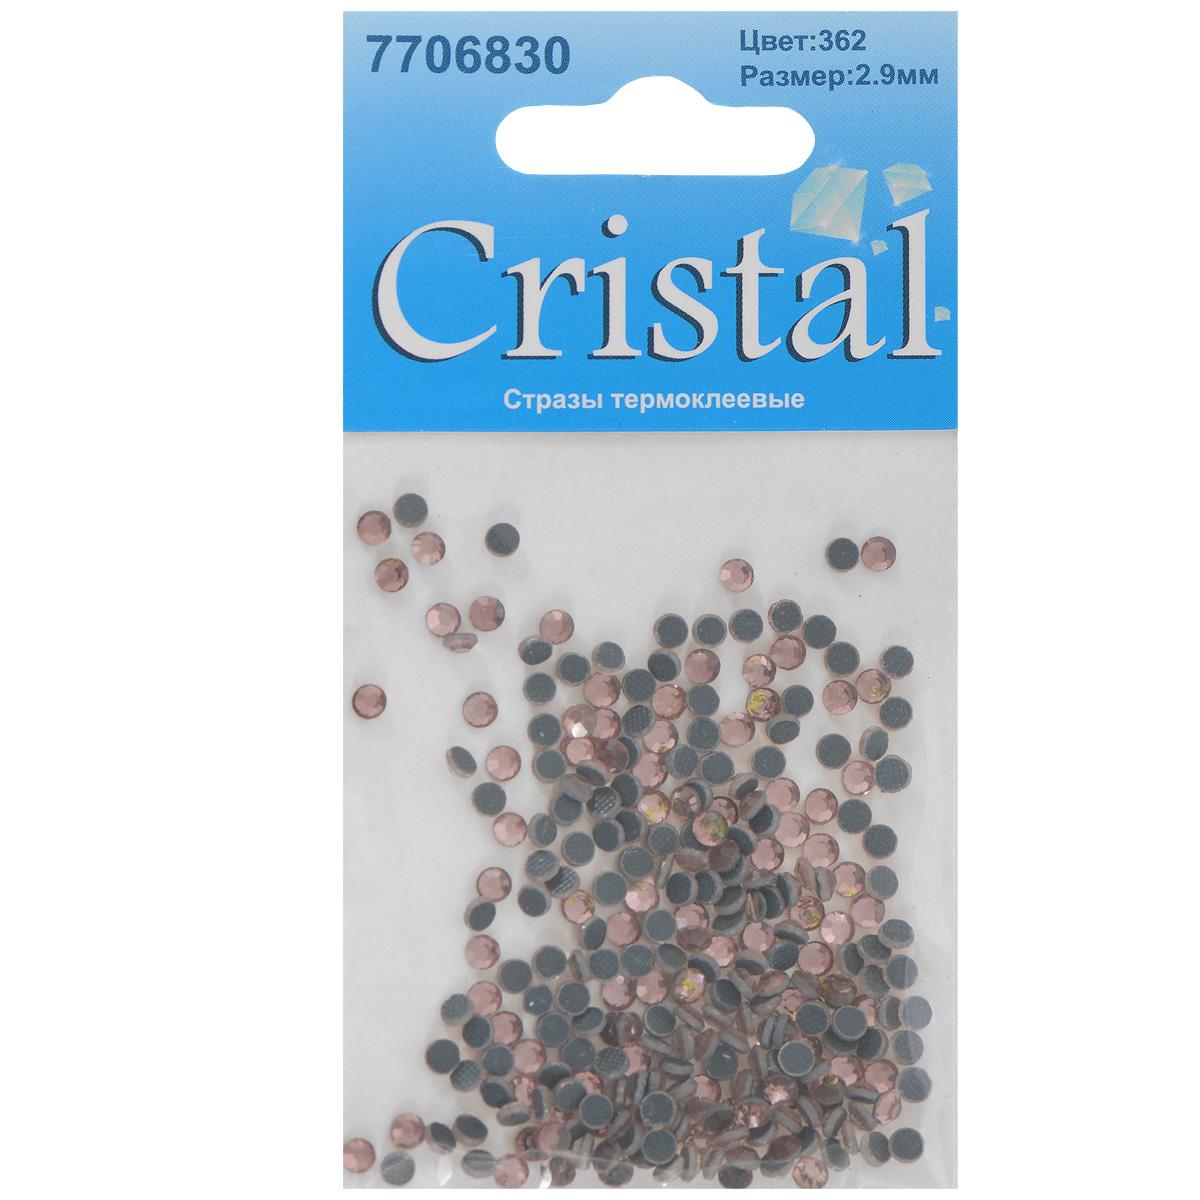 Стразы термоклеевые Cristal, цвет: светло-коралловый (362), диаметр 2,9 мм, 288 шт55052Набор термоклеевых страз Cristal, изготовленный из высококачественного акрила, позволит вам украсить одежду, аксессуары или текстиль. Яркие стразы имеют плоское дно и круглую поверхность с гранями.Дно термоклеевых страз уже обработано особым клеем, который под воздействием высоких температур начинает плавиться, приклеиваясь, таким образом, к требуемой поверхности. Чаще всего их используют в текстильной промышленности: стразы прикладывают к ткани и проглаживают утюгом с обратной стороны. Также можно использовать специальный паяльник. Украшение стразами поможет сделать любую вещь оригинальной и неповторимой. Диаметр страз: 2,9 мм.